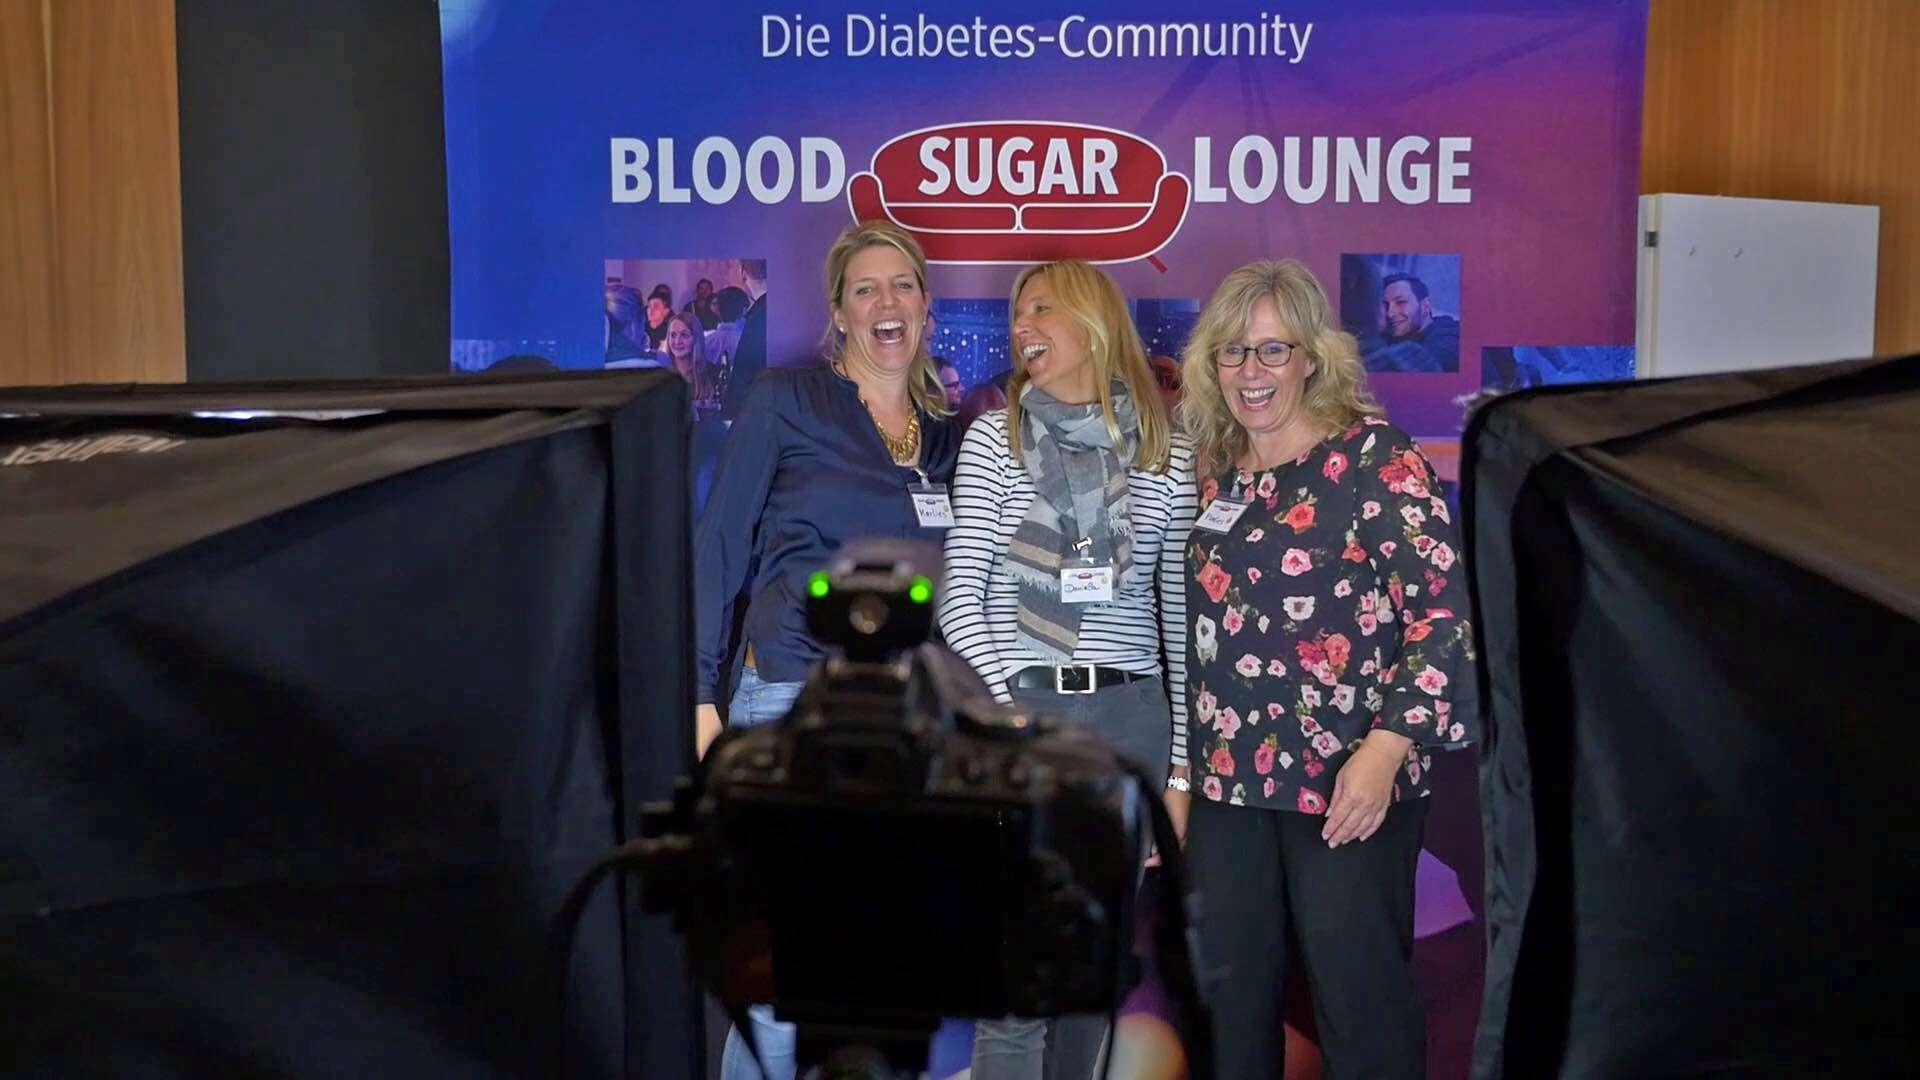 Drei lachende Frauen machen ein Foto auf einem Diabetes-Event